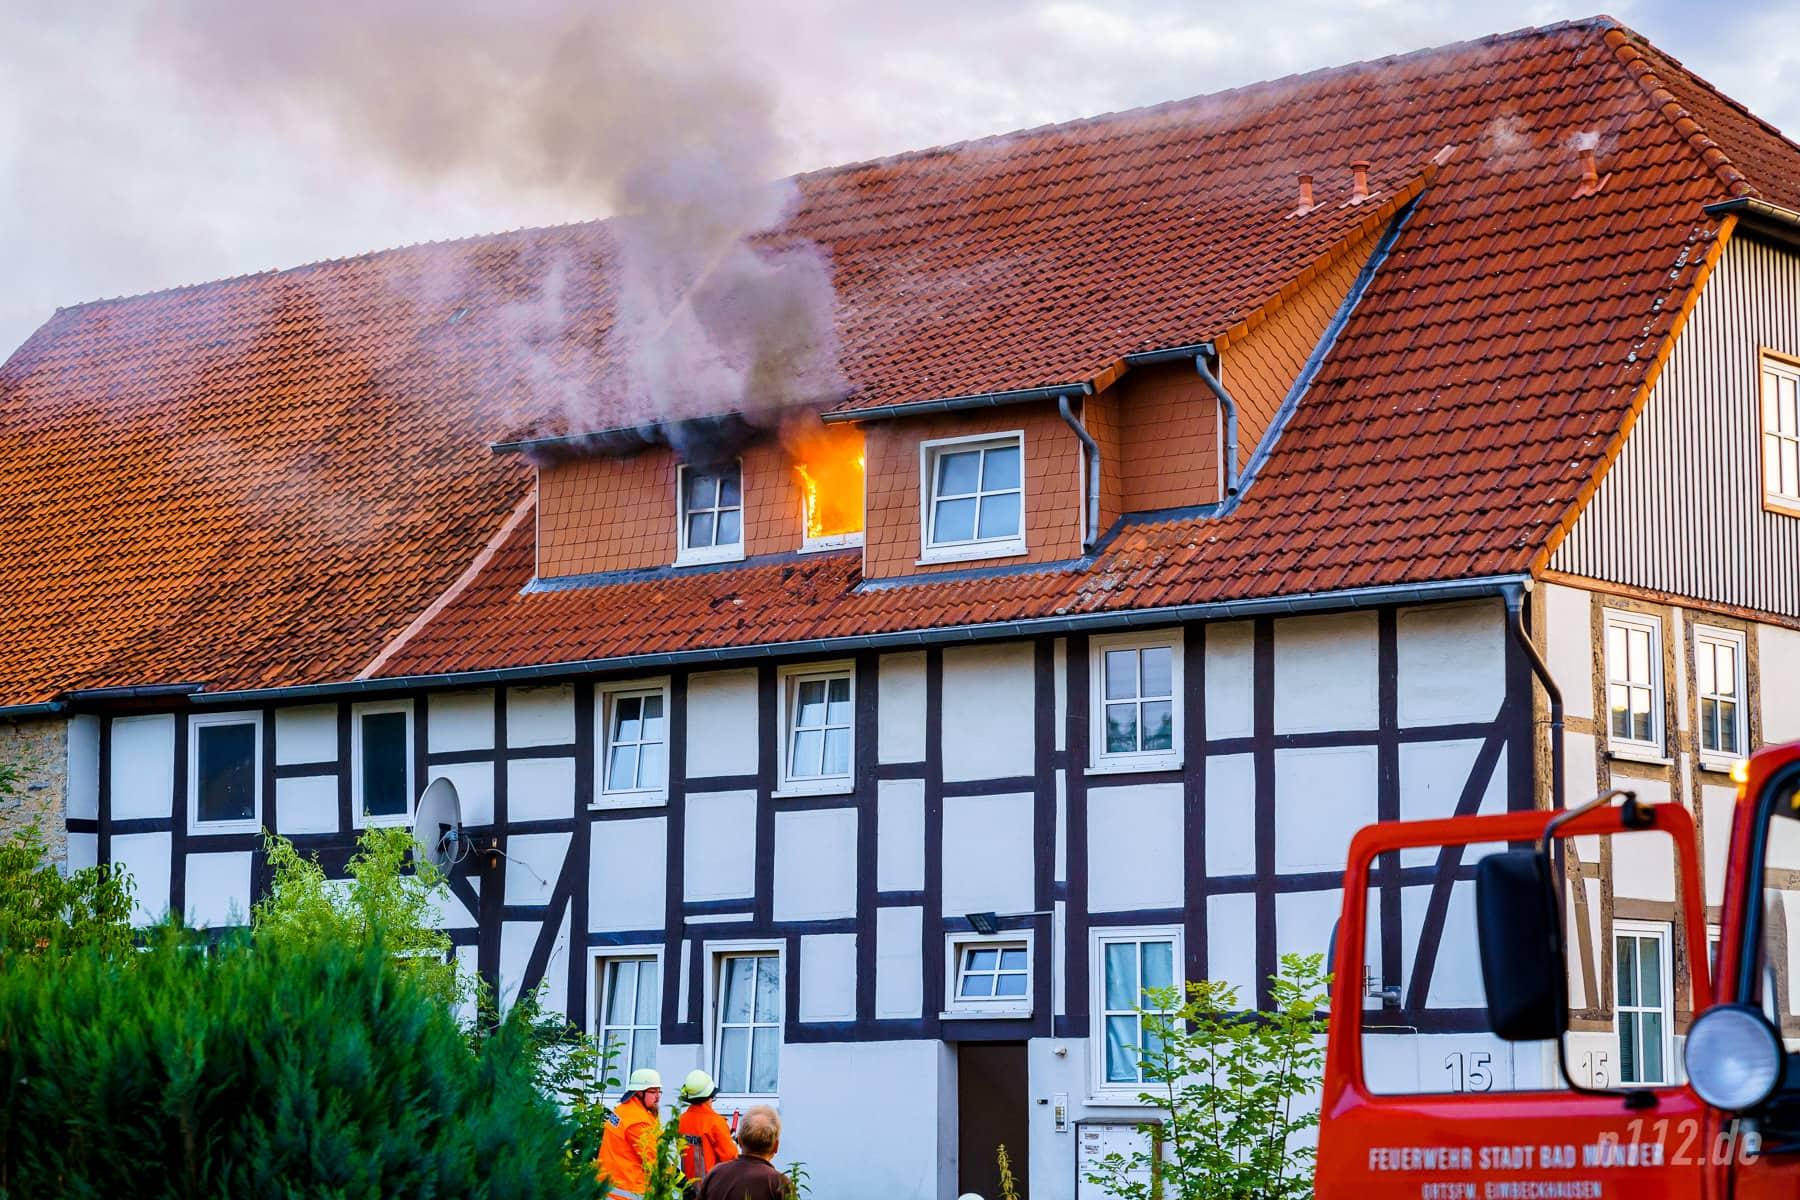 Wenige Sekunden, nachdem die ersten offenen Flammen aus dem Fenster schlagen, steht der Löschangriff (Foto: n112.de/Stefan Simonsen)